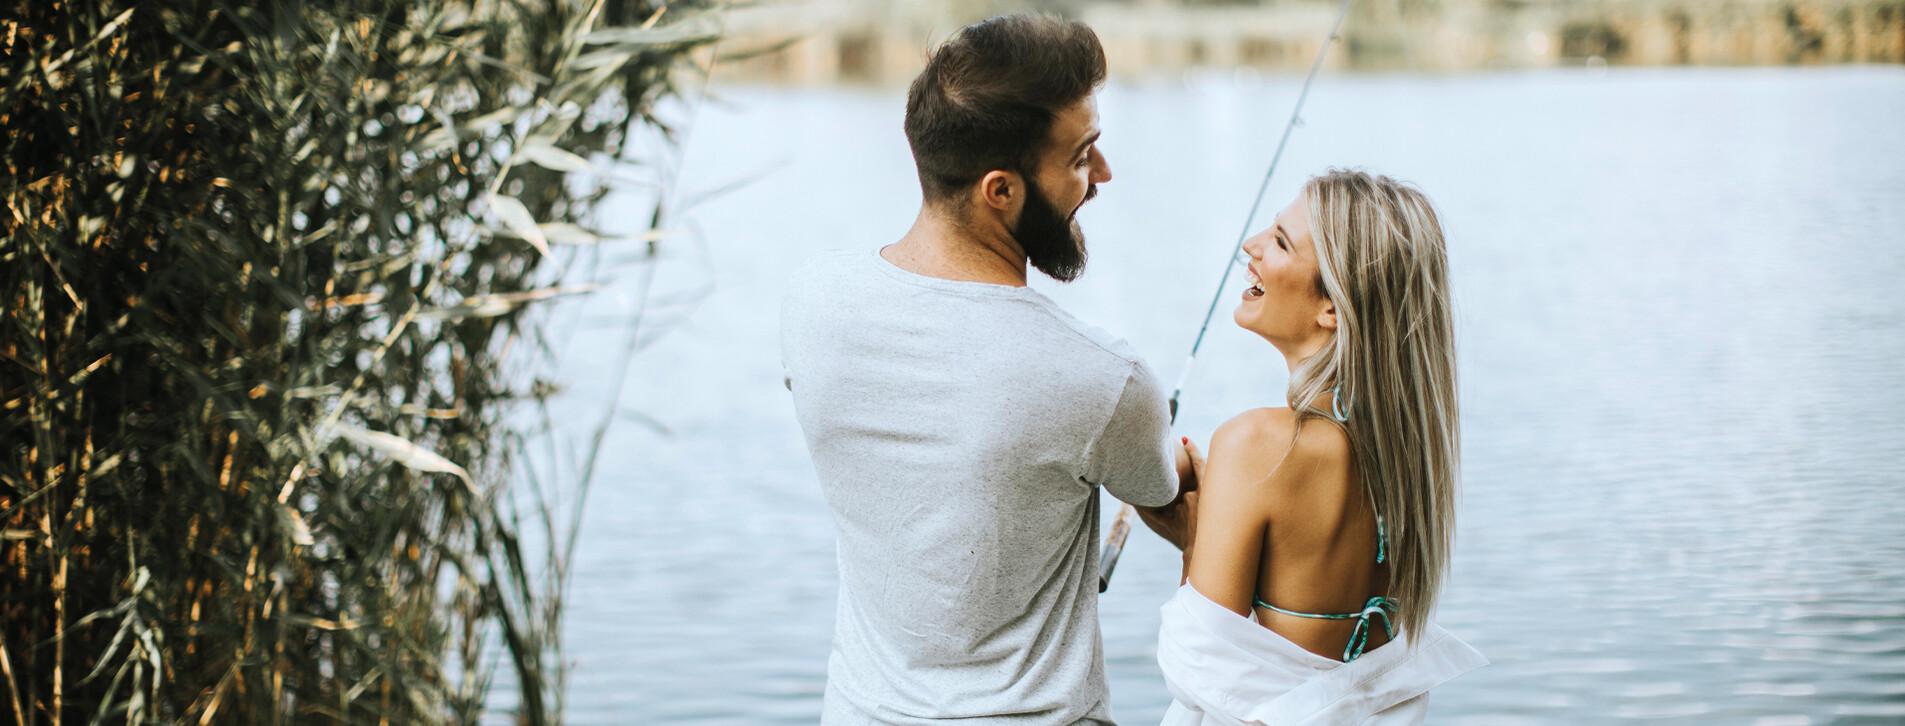 Фото 1 - Уикенд с рыбалкой в «Дельте Днепра» для двоих